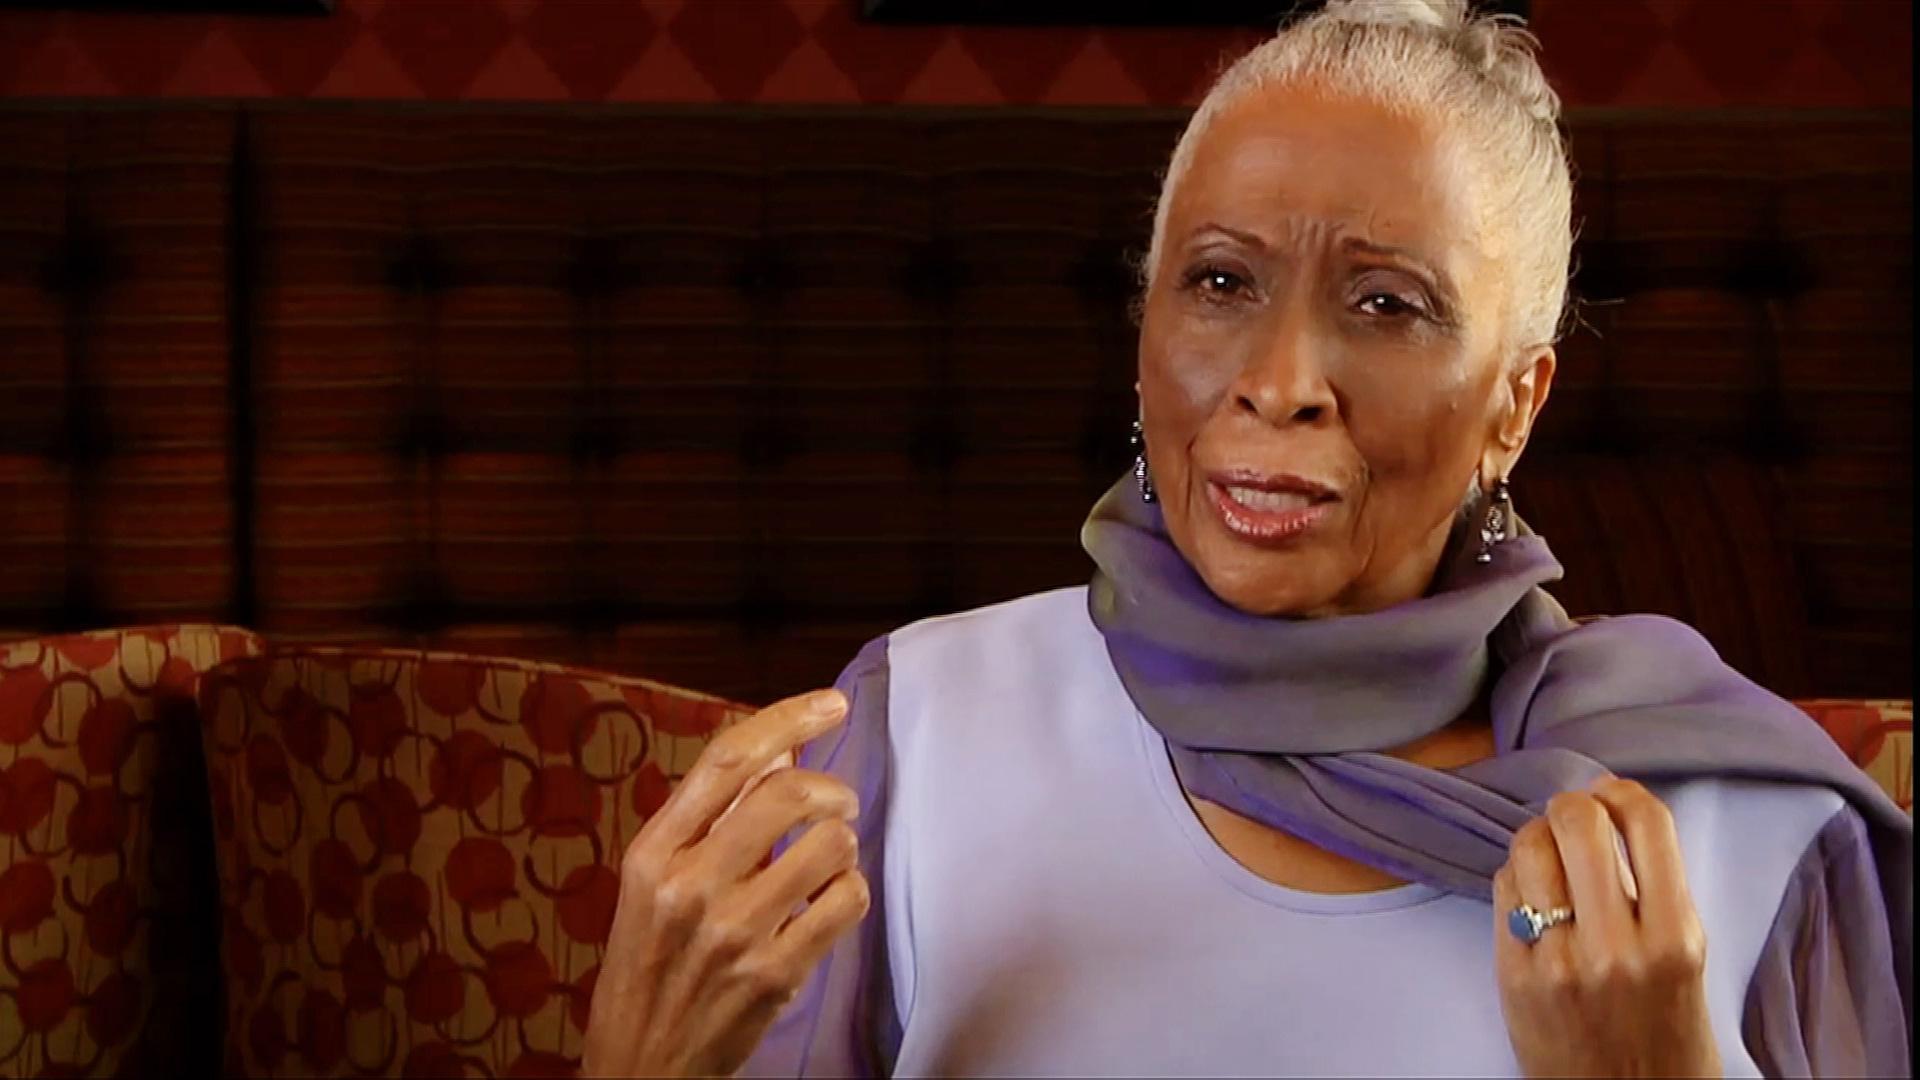 When I Rise - Who is Barbara Conrad?